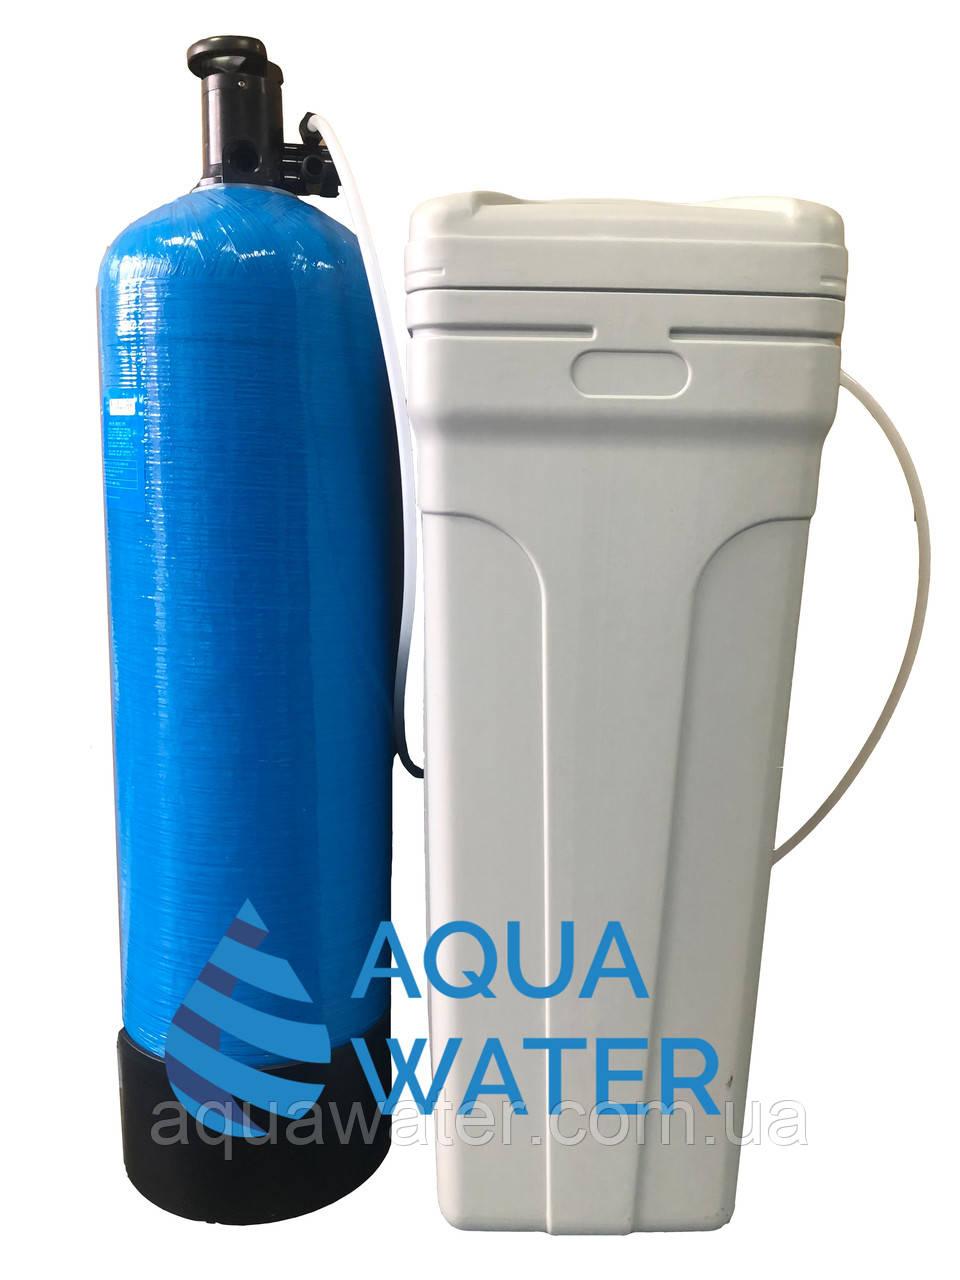 Фільтр знезалізнення і пом'якшення води FK1035 на ручному клапані